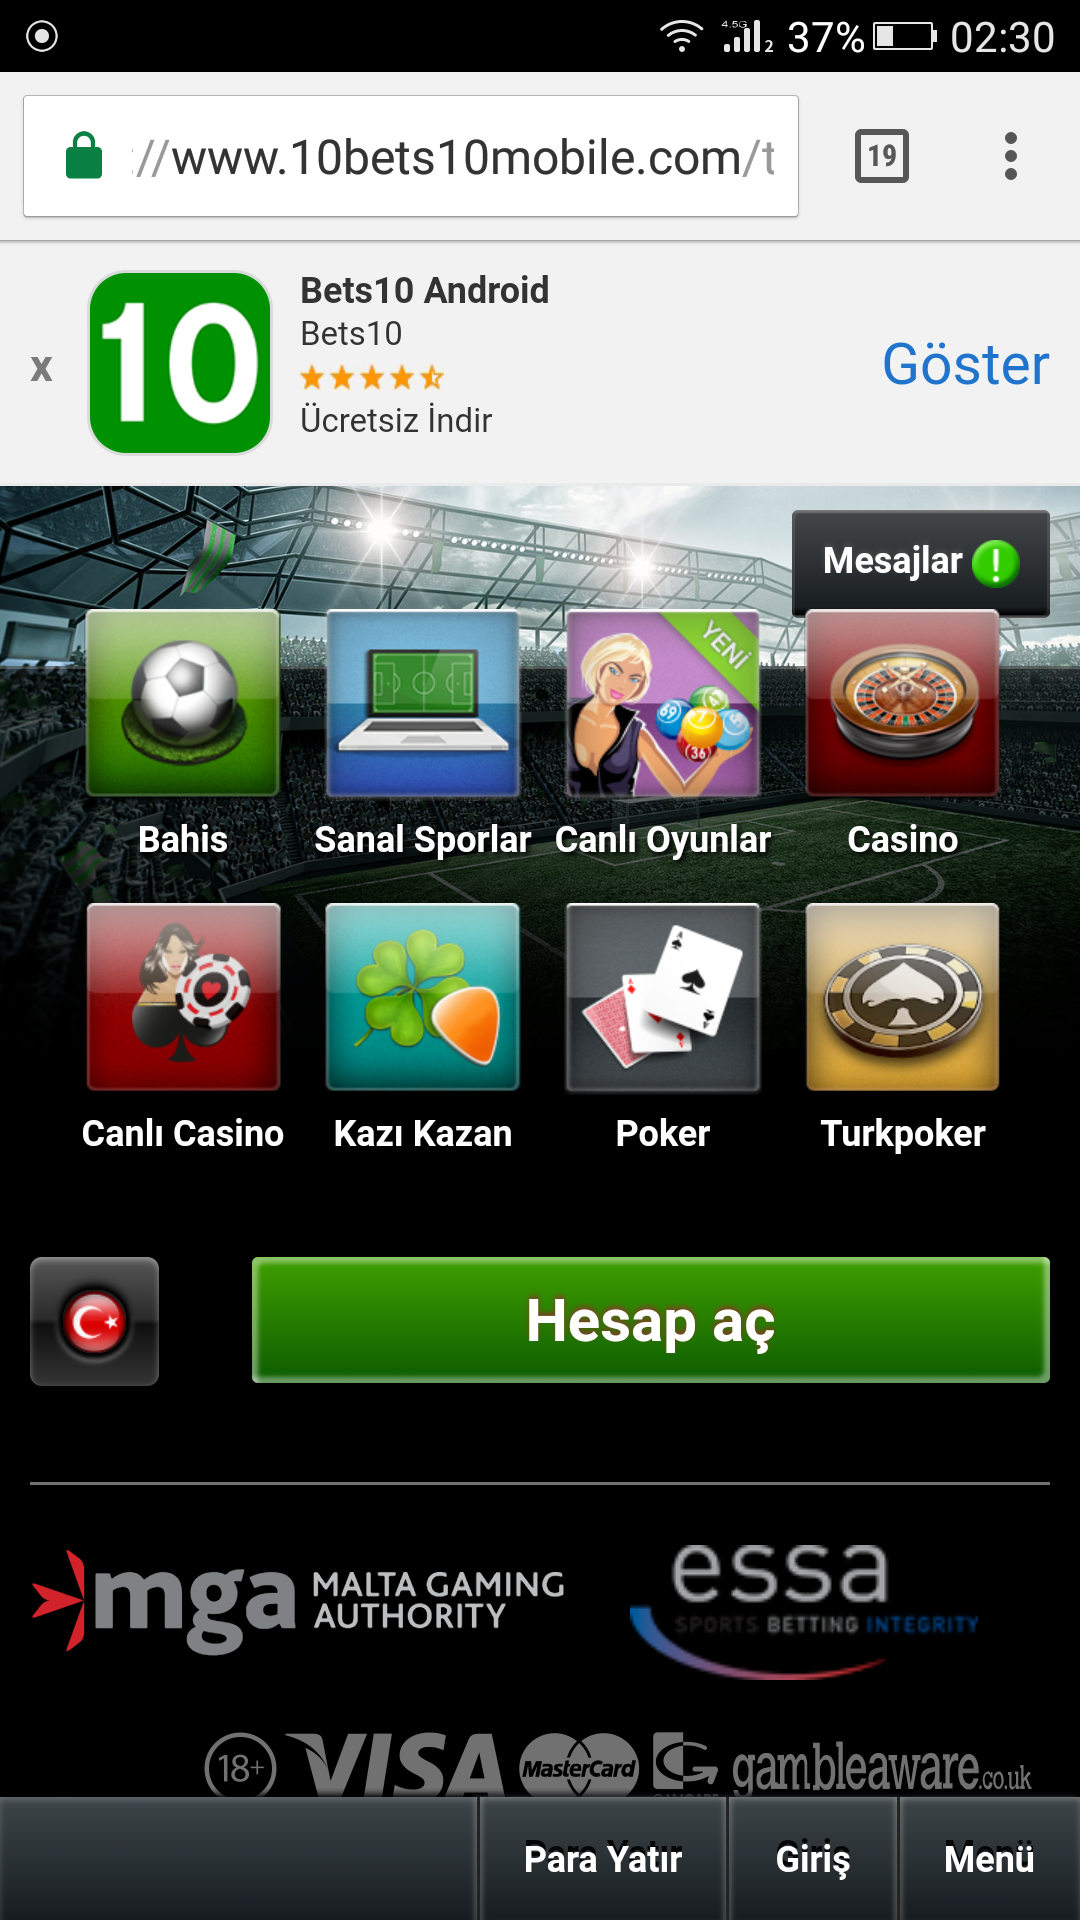 Bets10 Mobile Adresi 10Bets10Mobile.Com Oldu